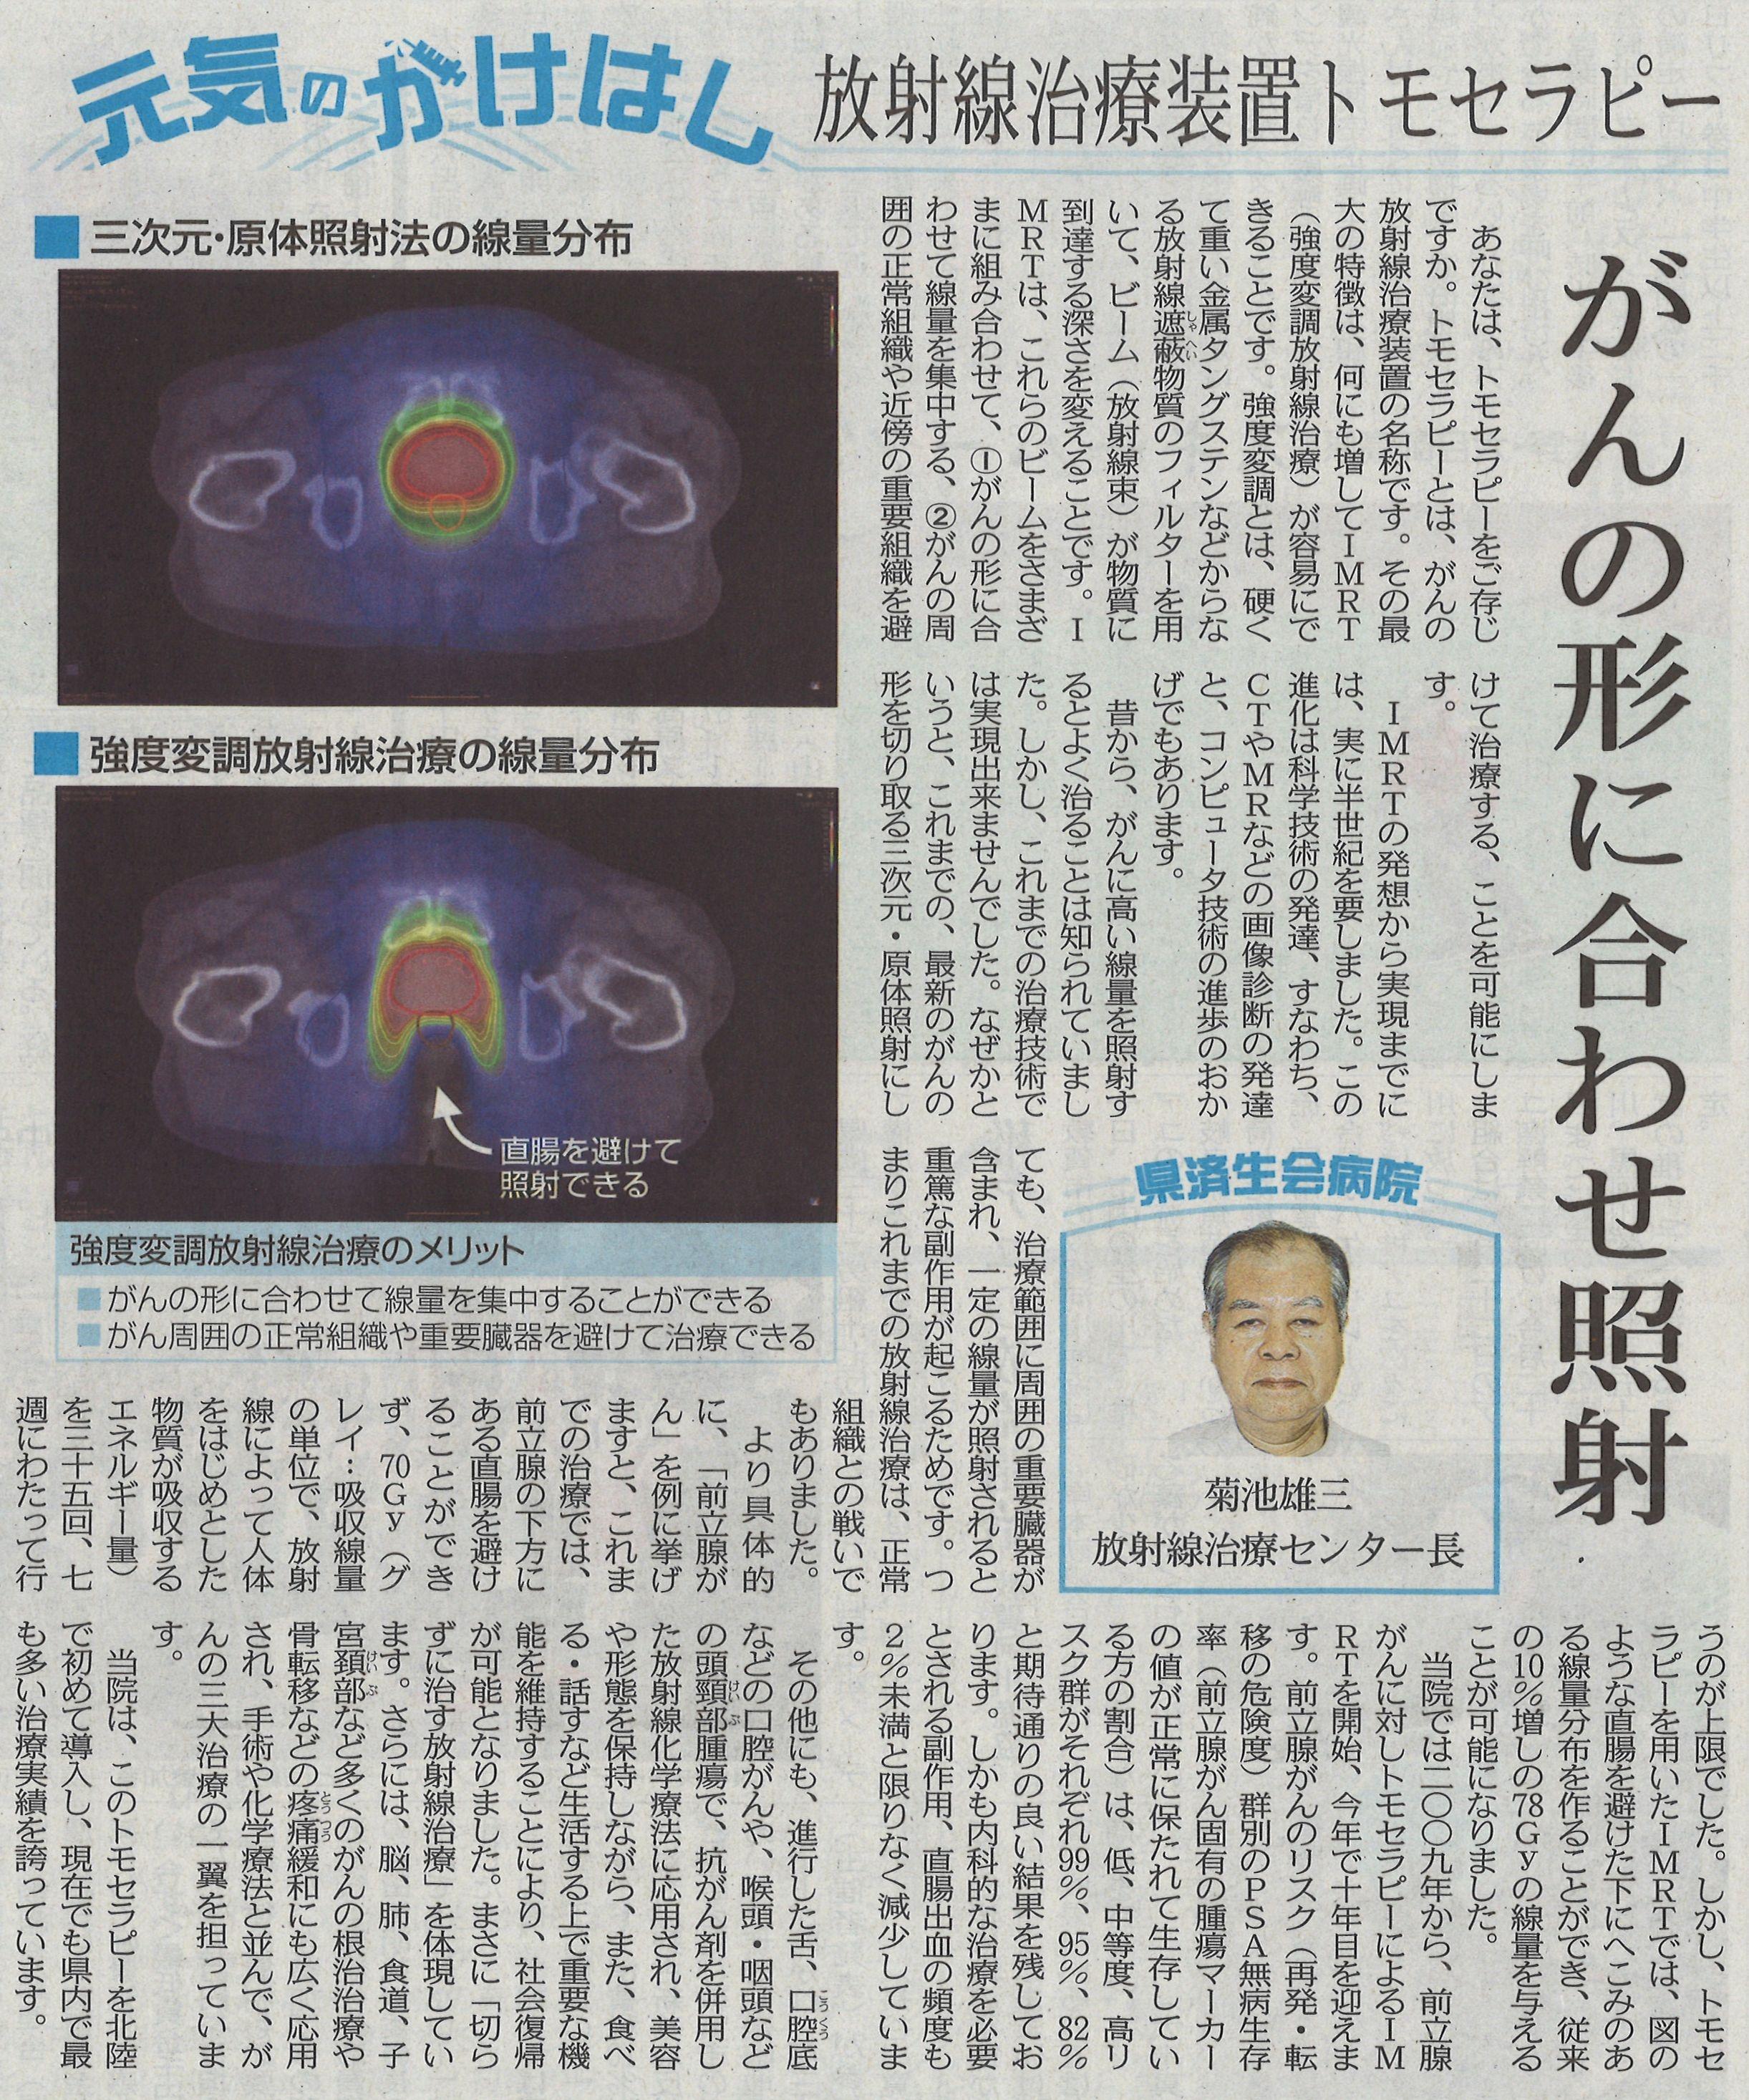 2019年5月2日 日刊県民福井